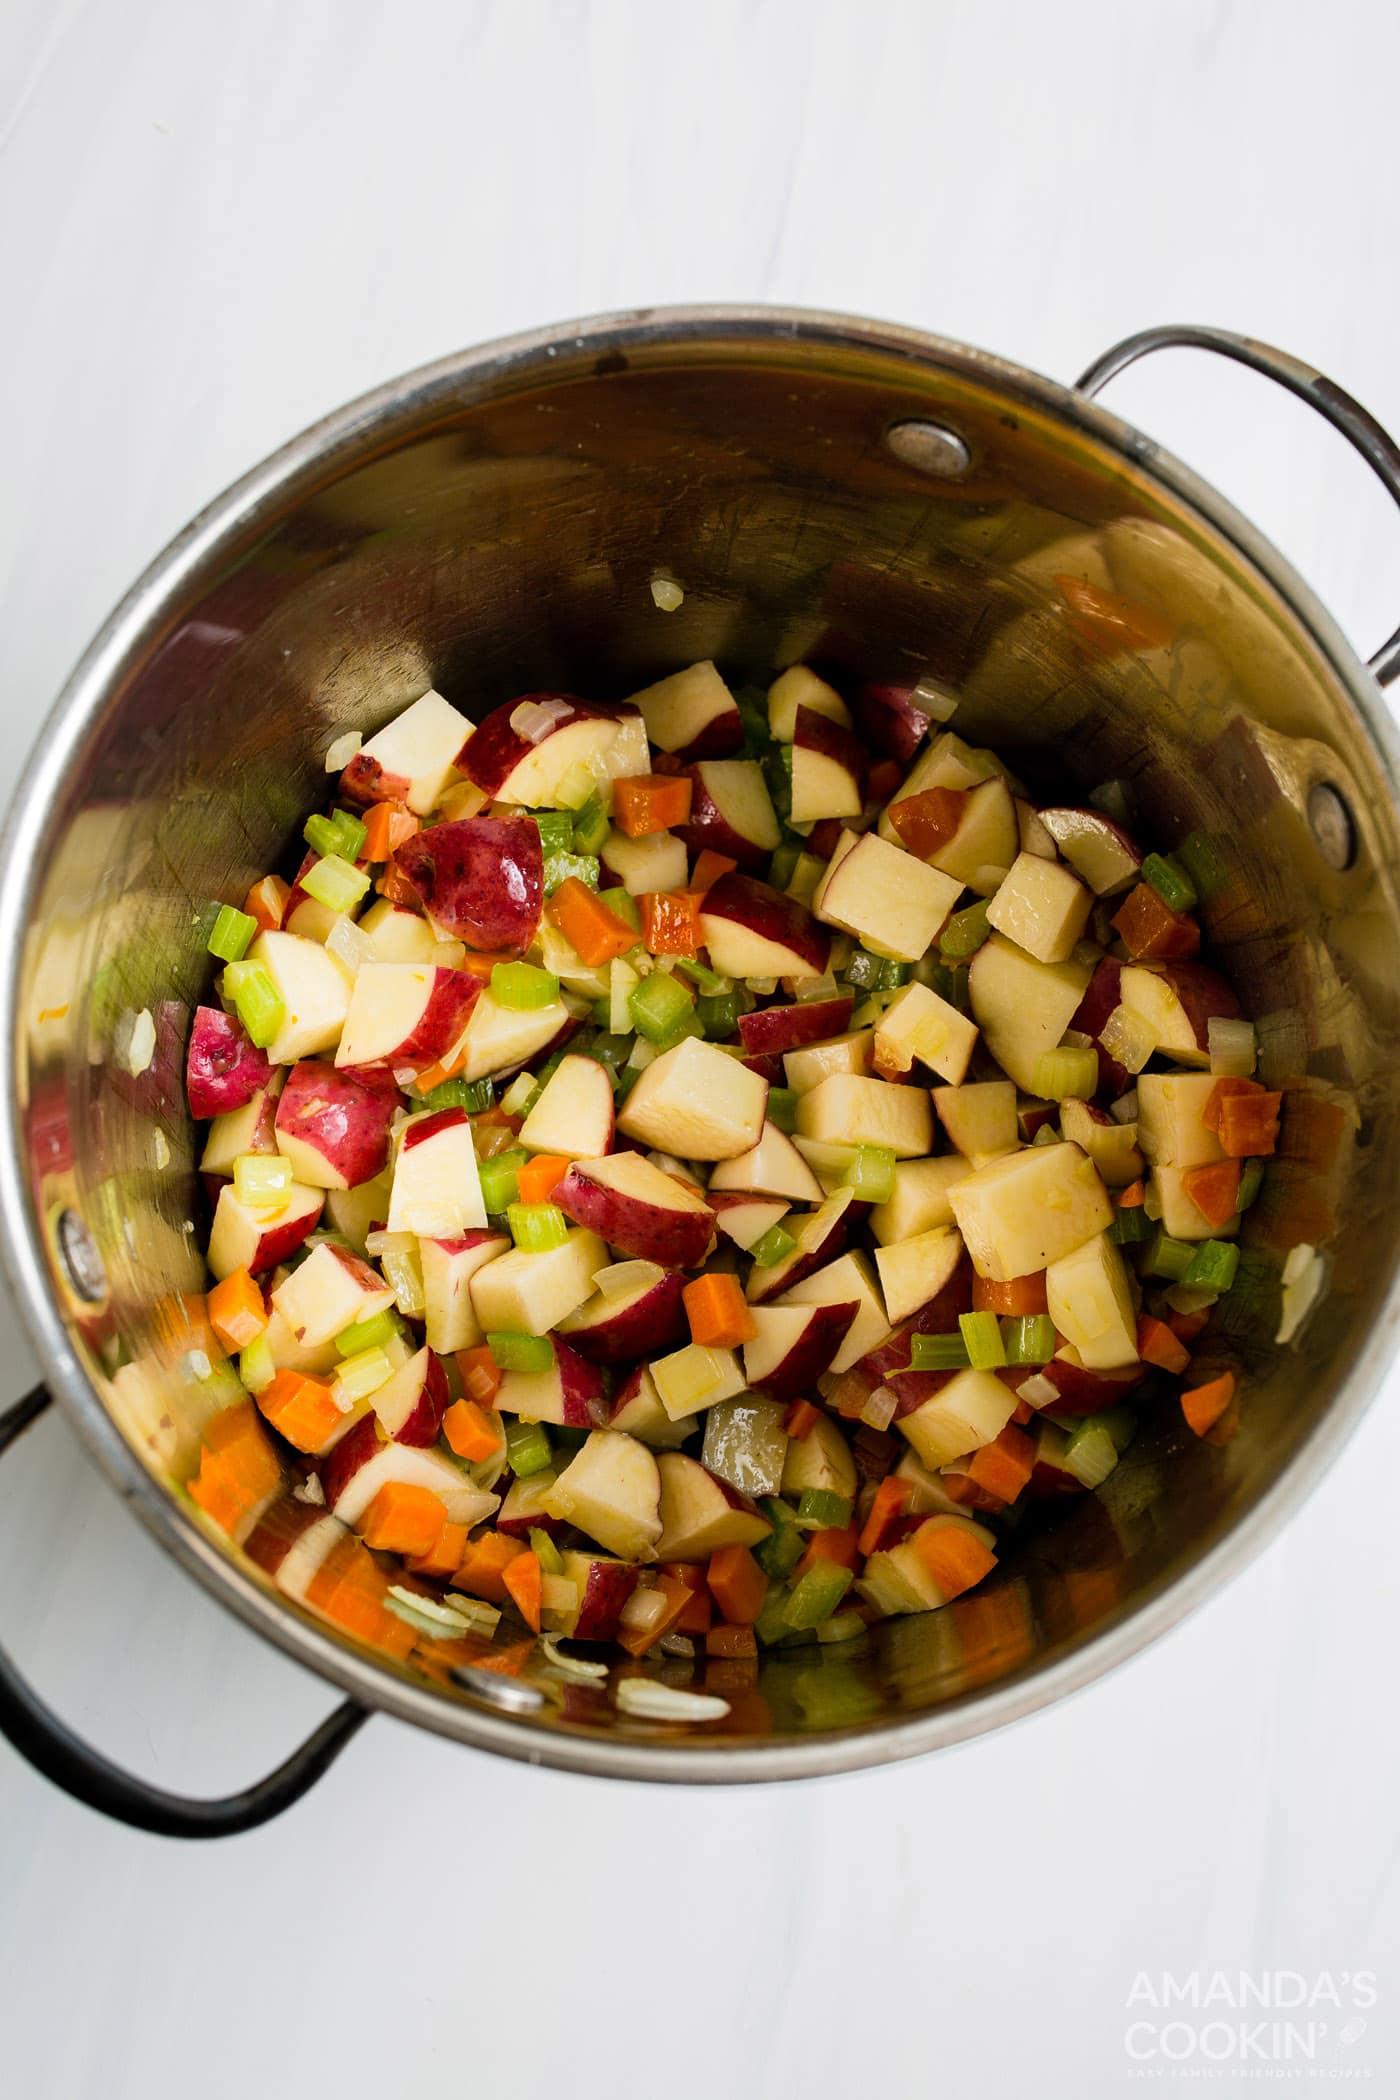 potatoes and vveggies in pot